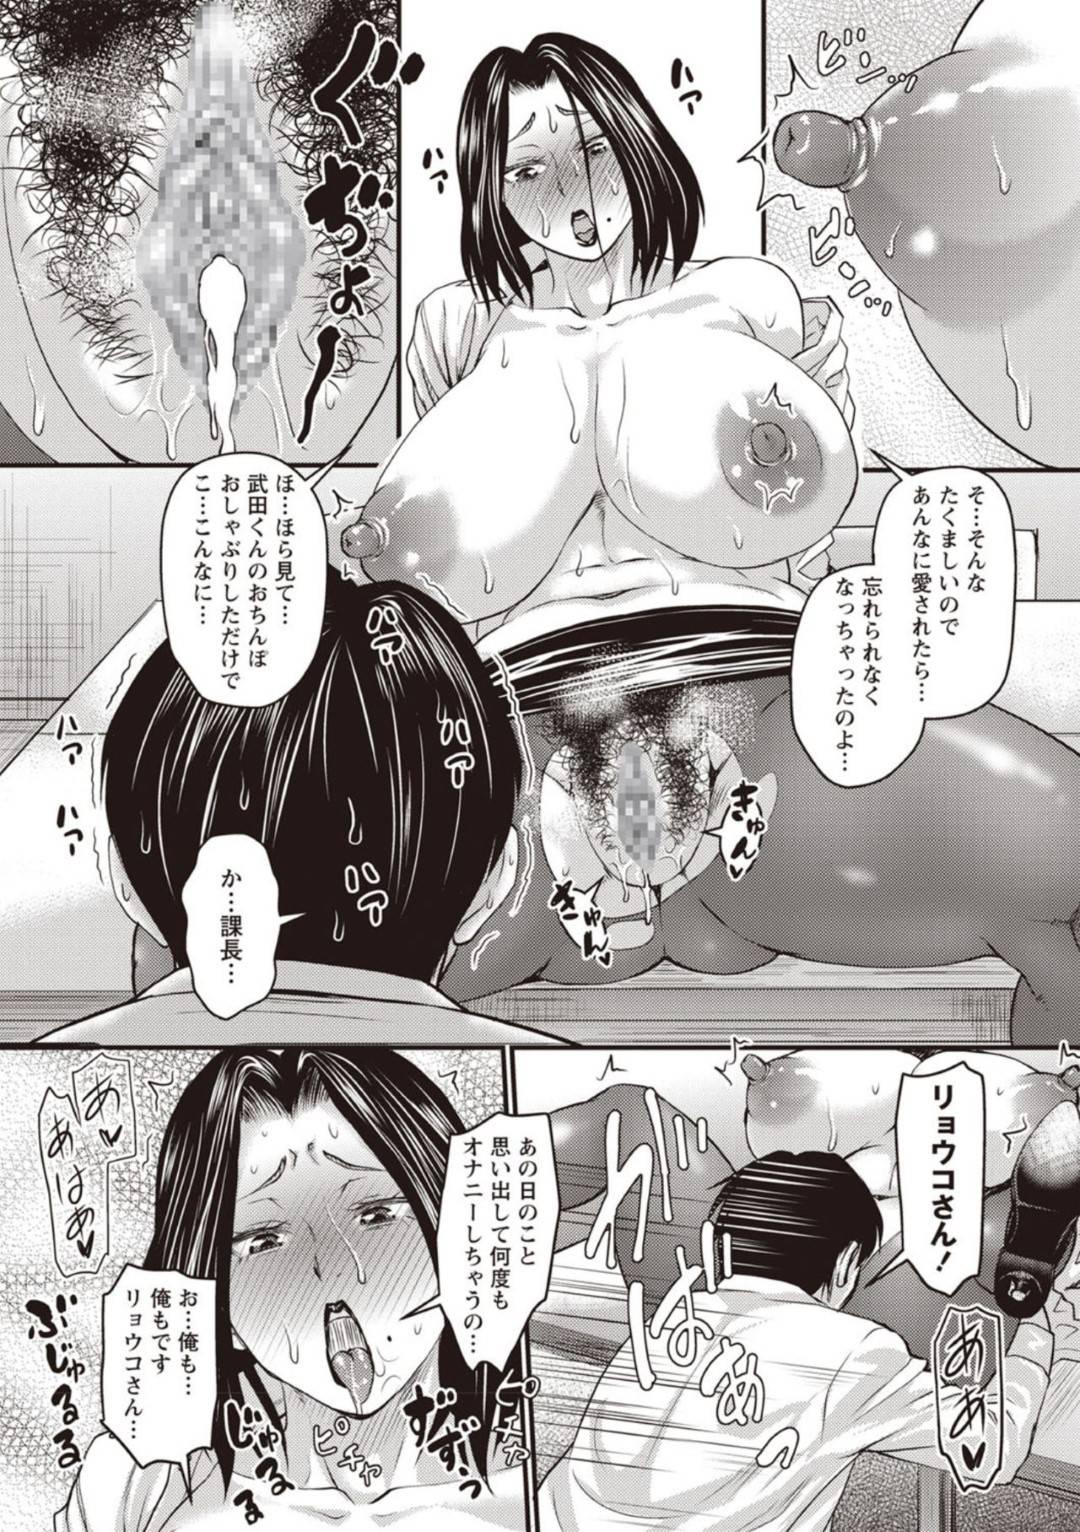 【年下部下との不倫エロ漫画】夫に不倫されたリョウコは会社の部下の武田をホテルに誘い年下チンコで激しく突かれイキまくる【ジロウ】